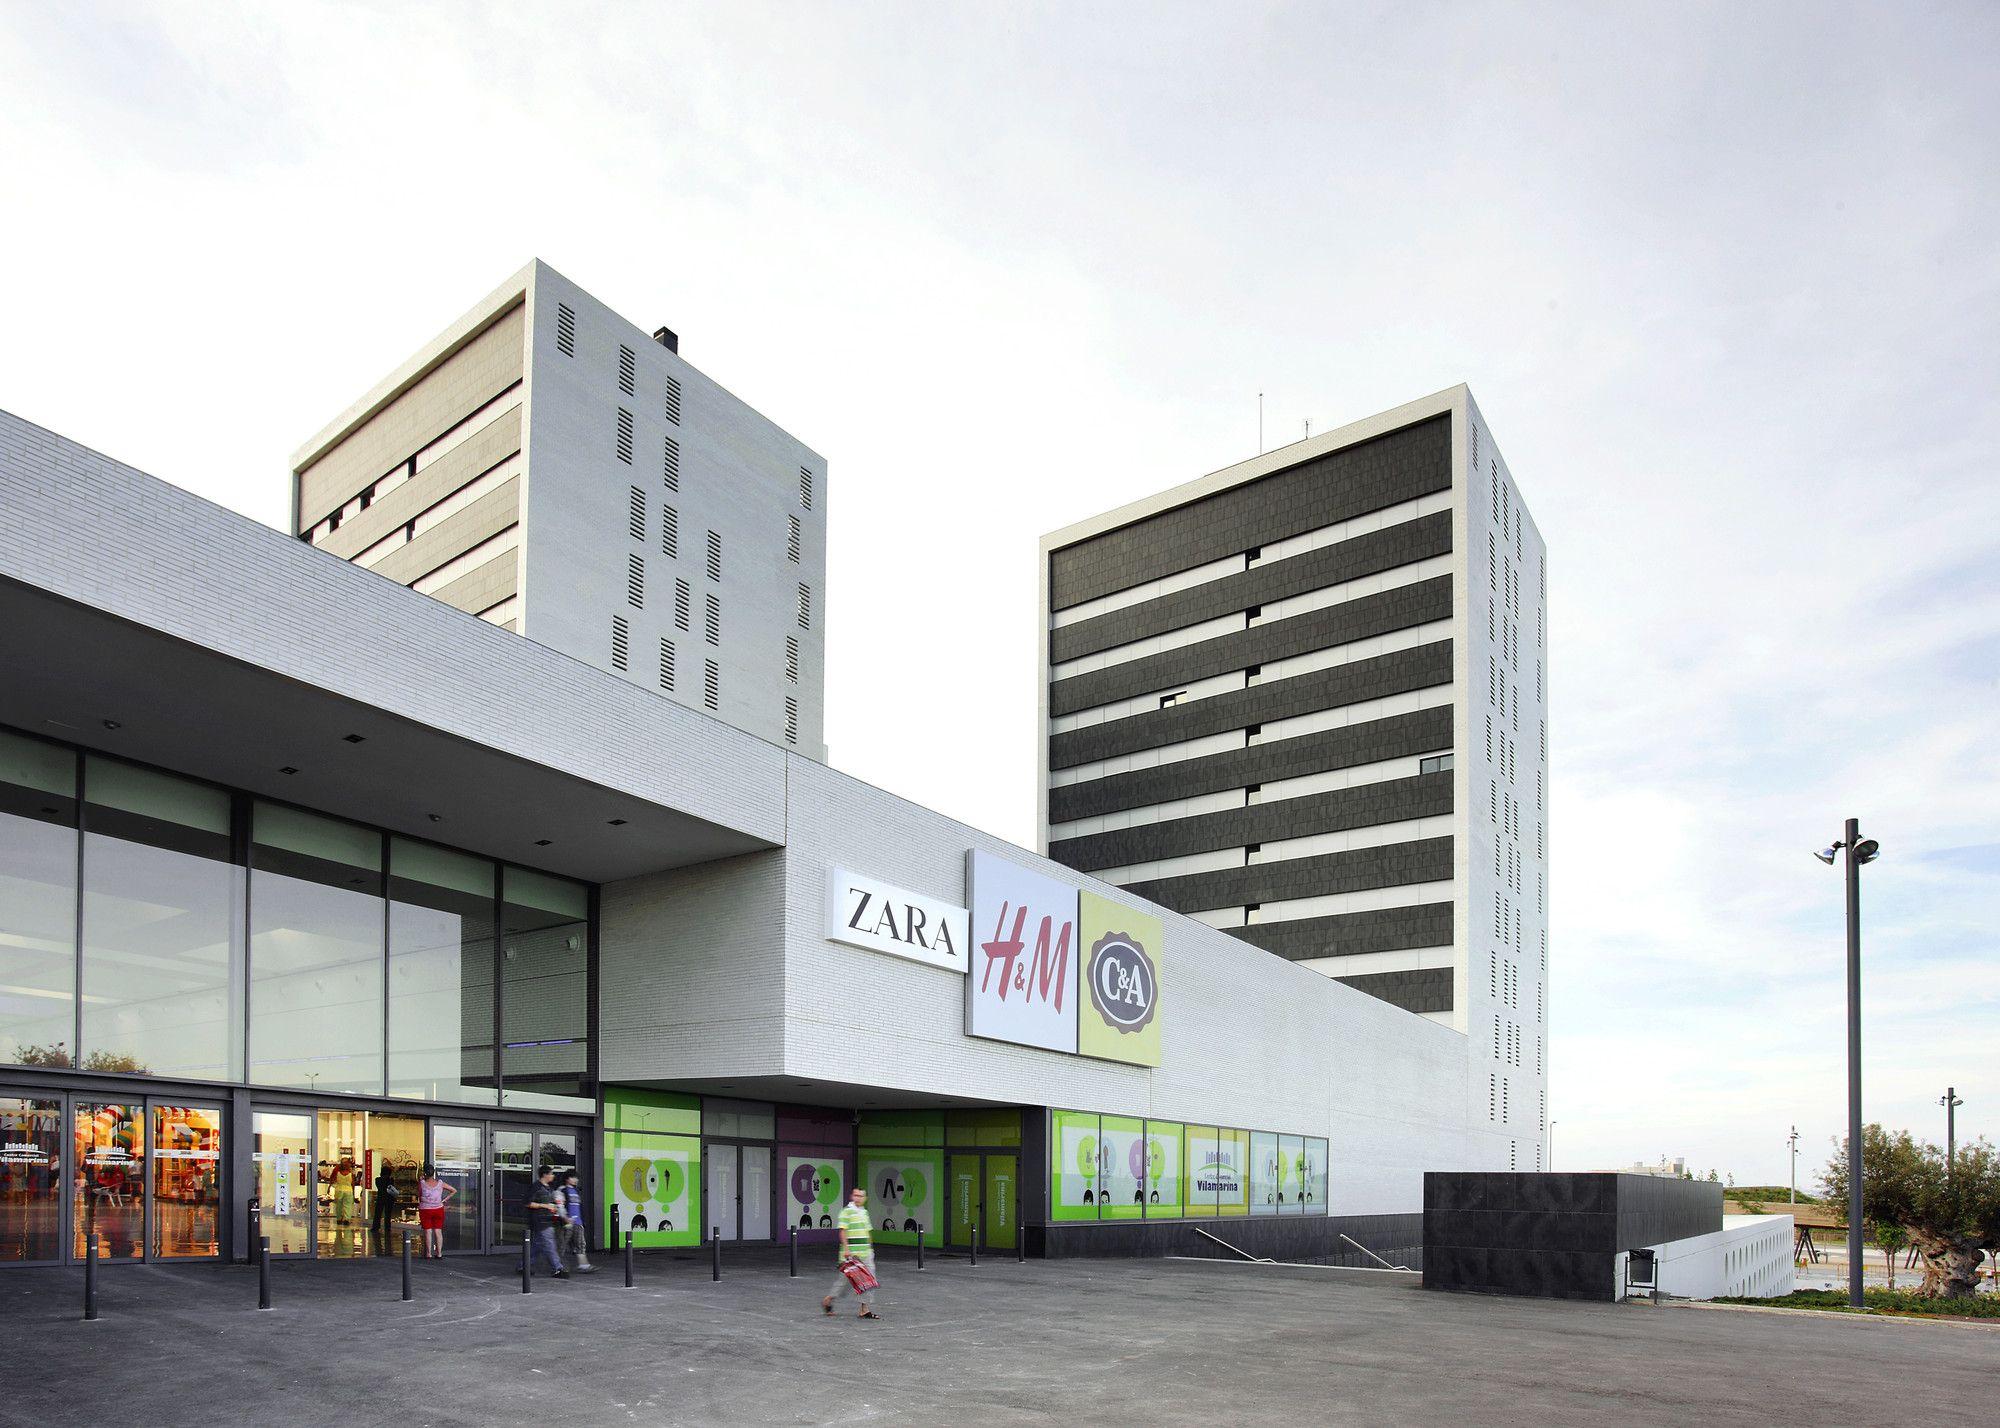 Of Vilamarina Building Batlle I Roig Arquitectes 16 # Muebles Kassel Tlalnepantla